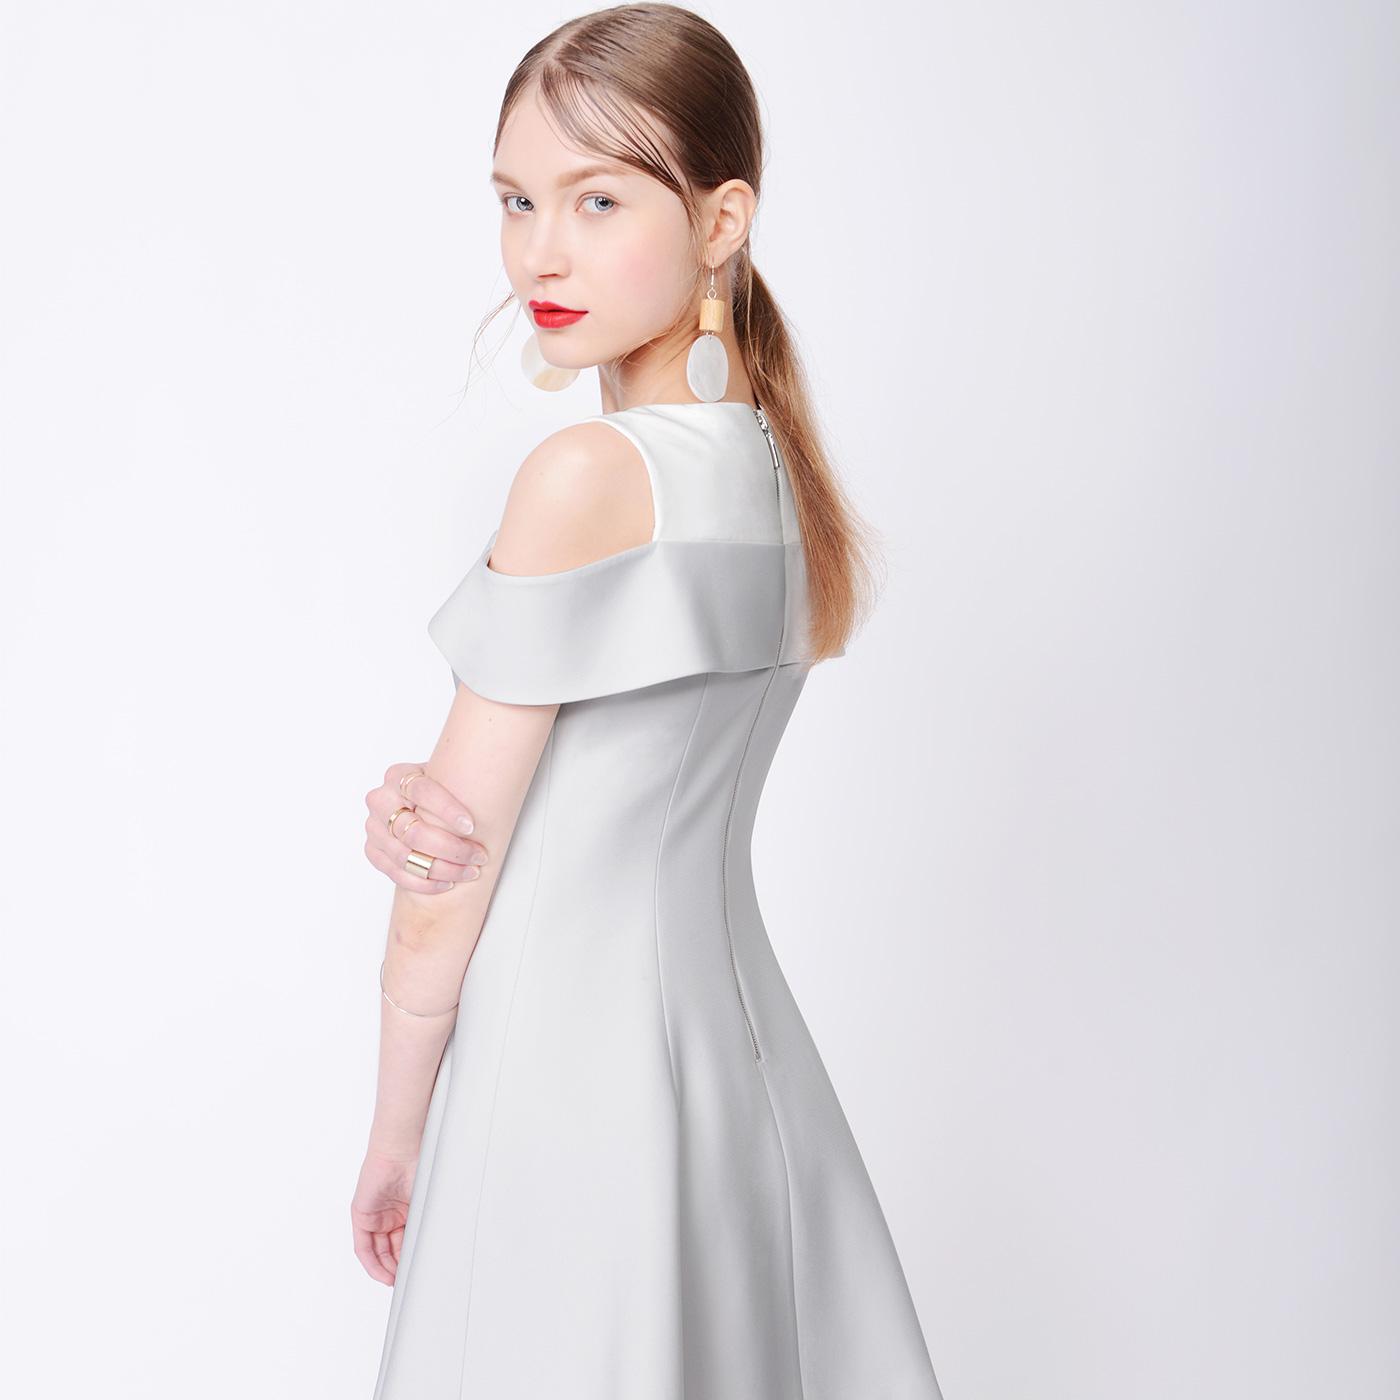 糖力夏装新款欧美女装拼色露肩连衣裙小礼服无袖A字裙显瘦裙子